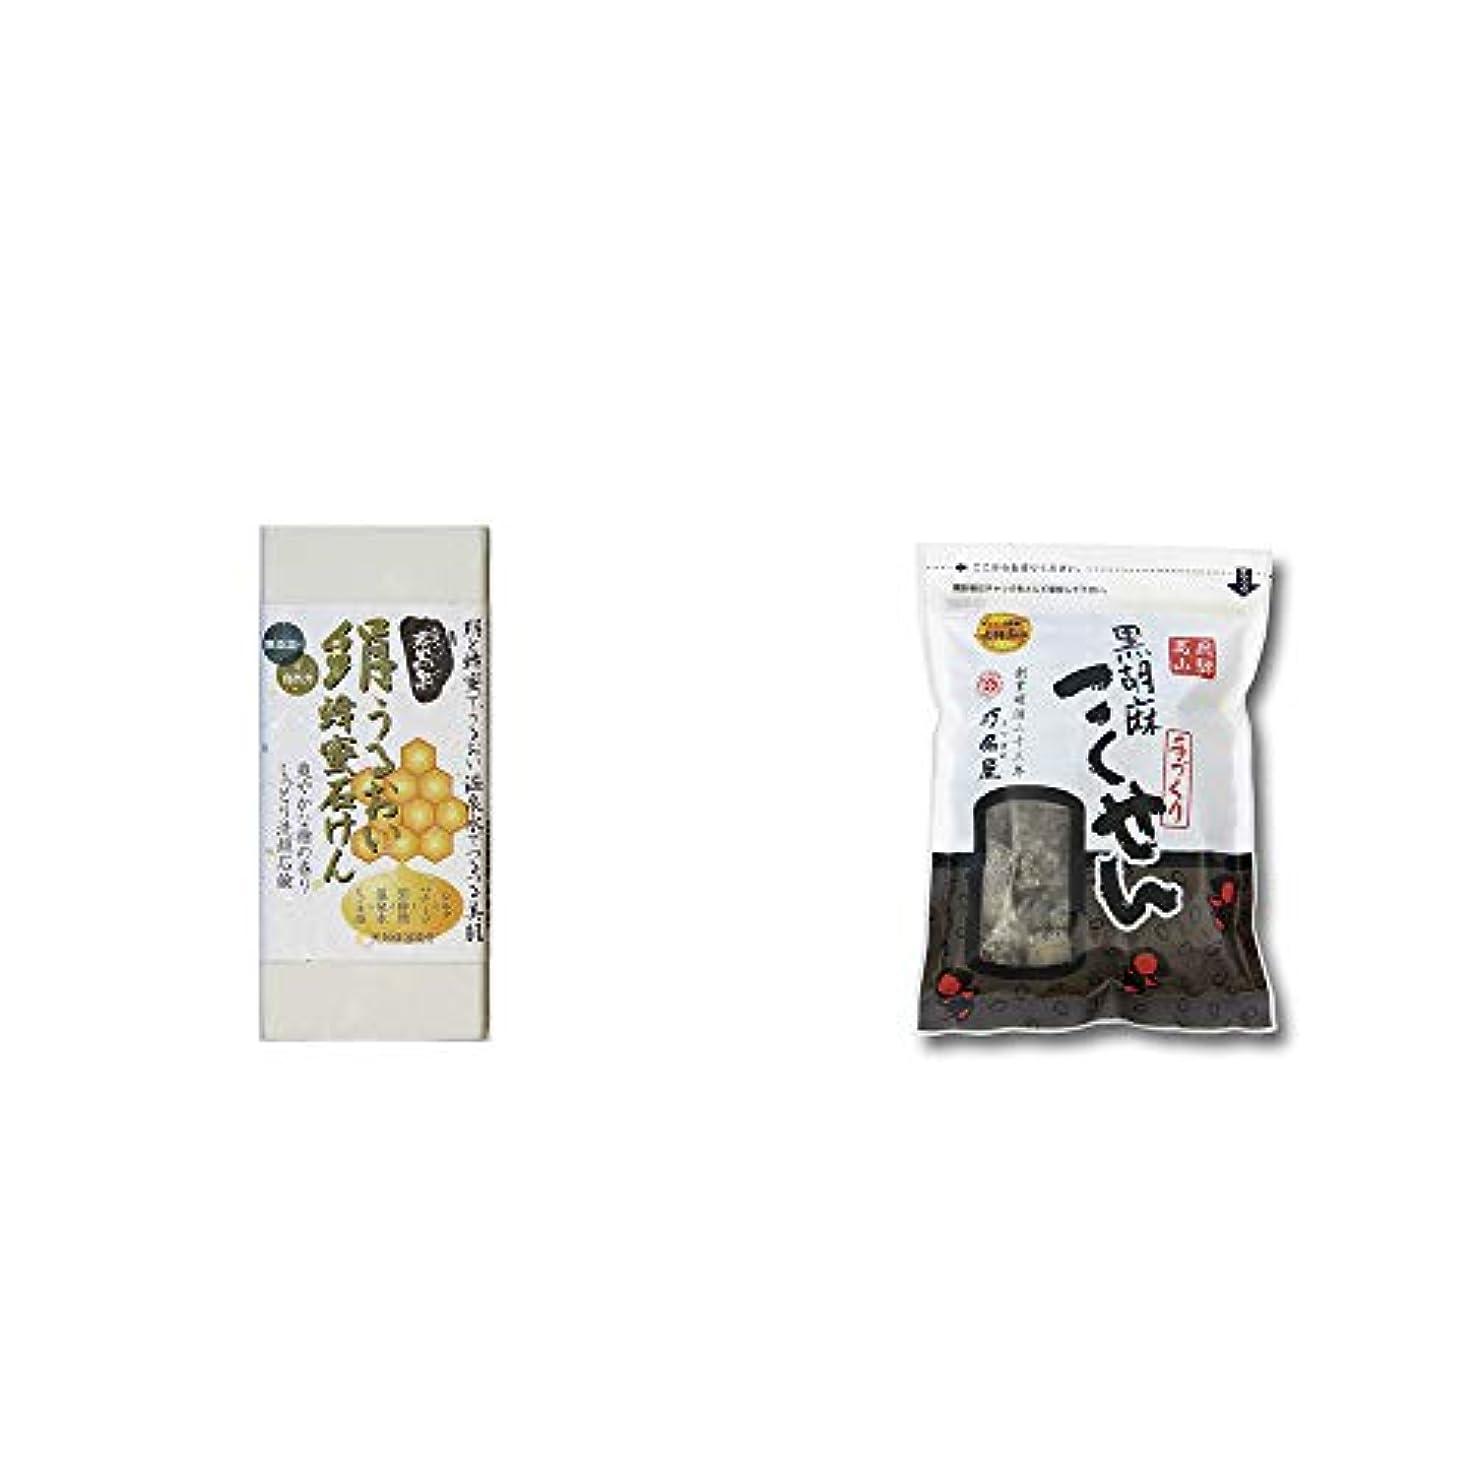 スクリュービデオ情報[2点セット] ひのき炭黒泉 絹うるおい蜂蜜石けん(75g×2)?飛騨 打保屋 駄菓子 げんこつきなこ(250g)